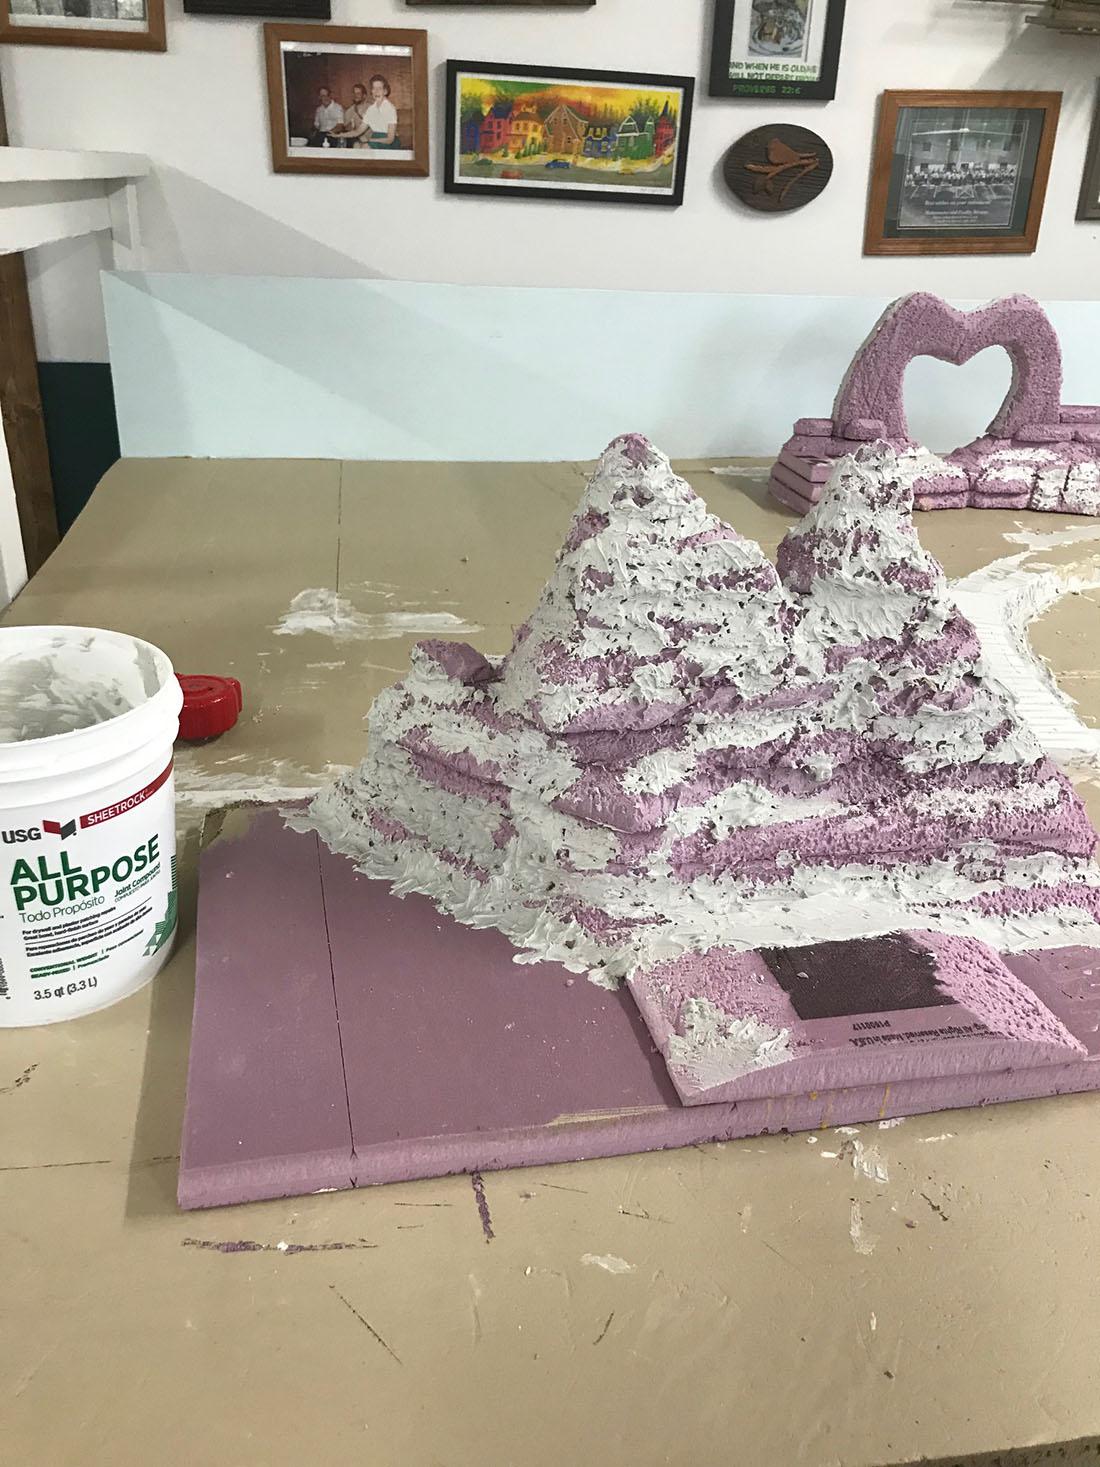 HO scale model rain